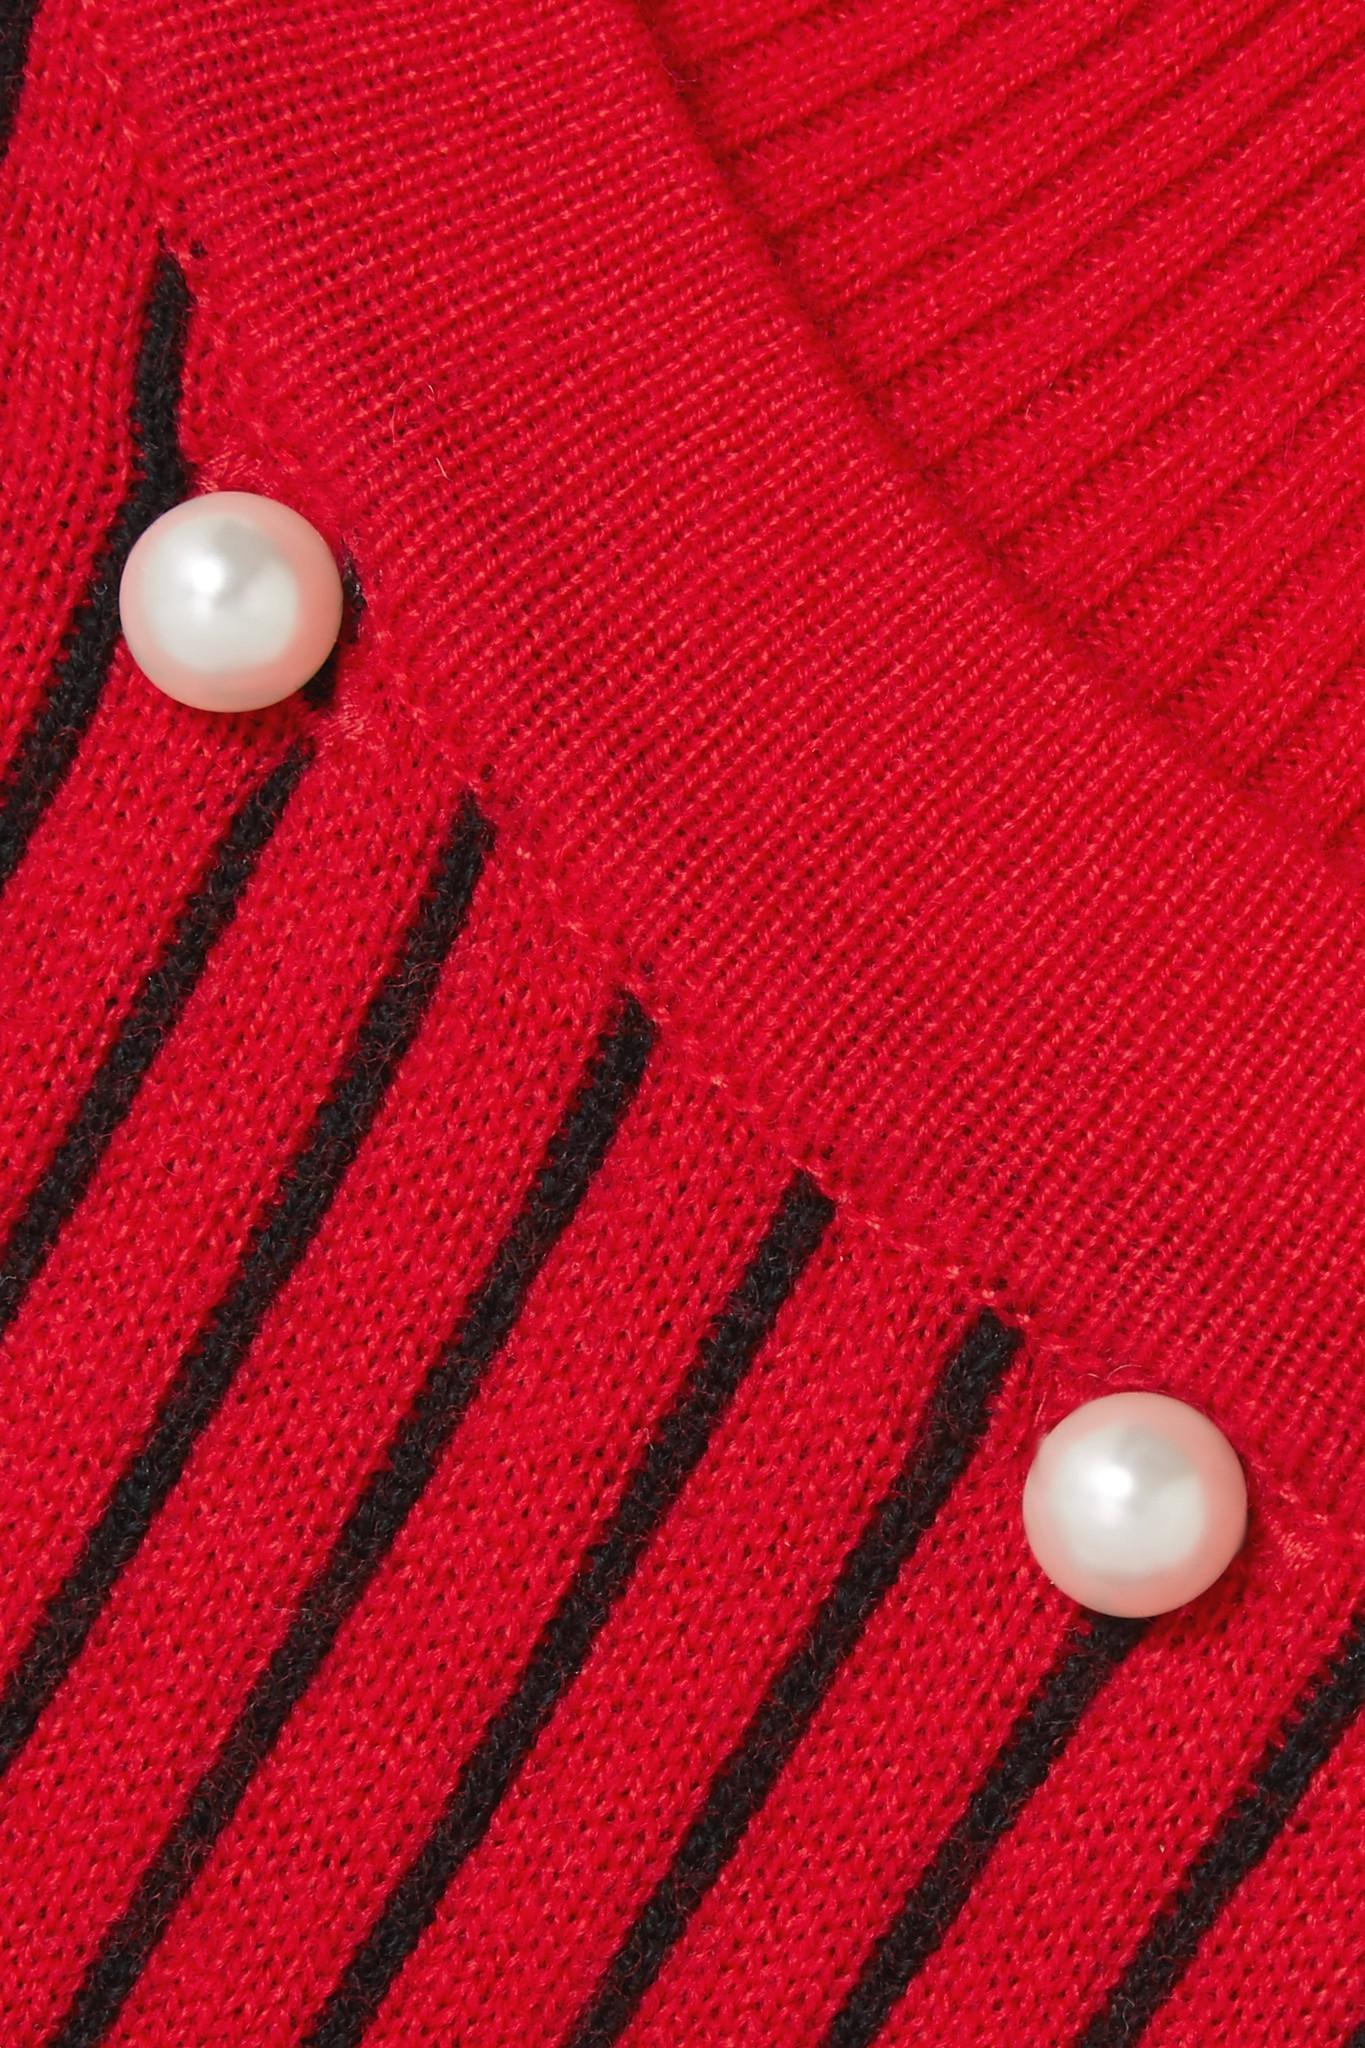 convertible perlas de jacquard lana apertura Ceremonia cisne con de con adornado de cuello de Suéter imitación roja 76qUnz